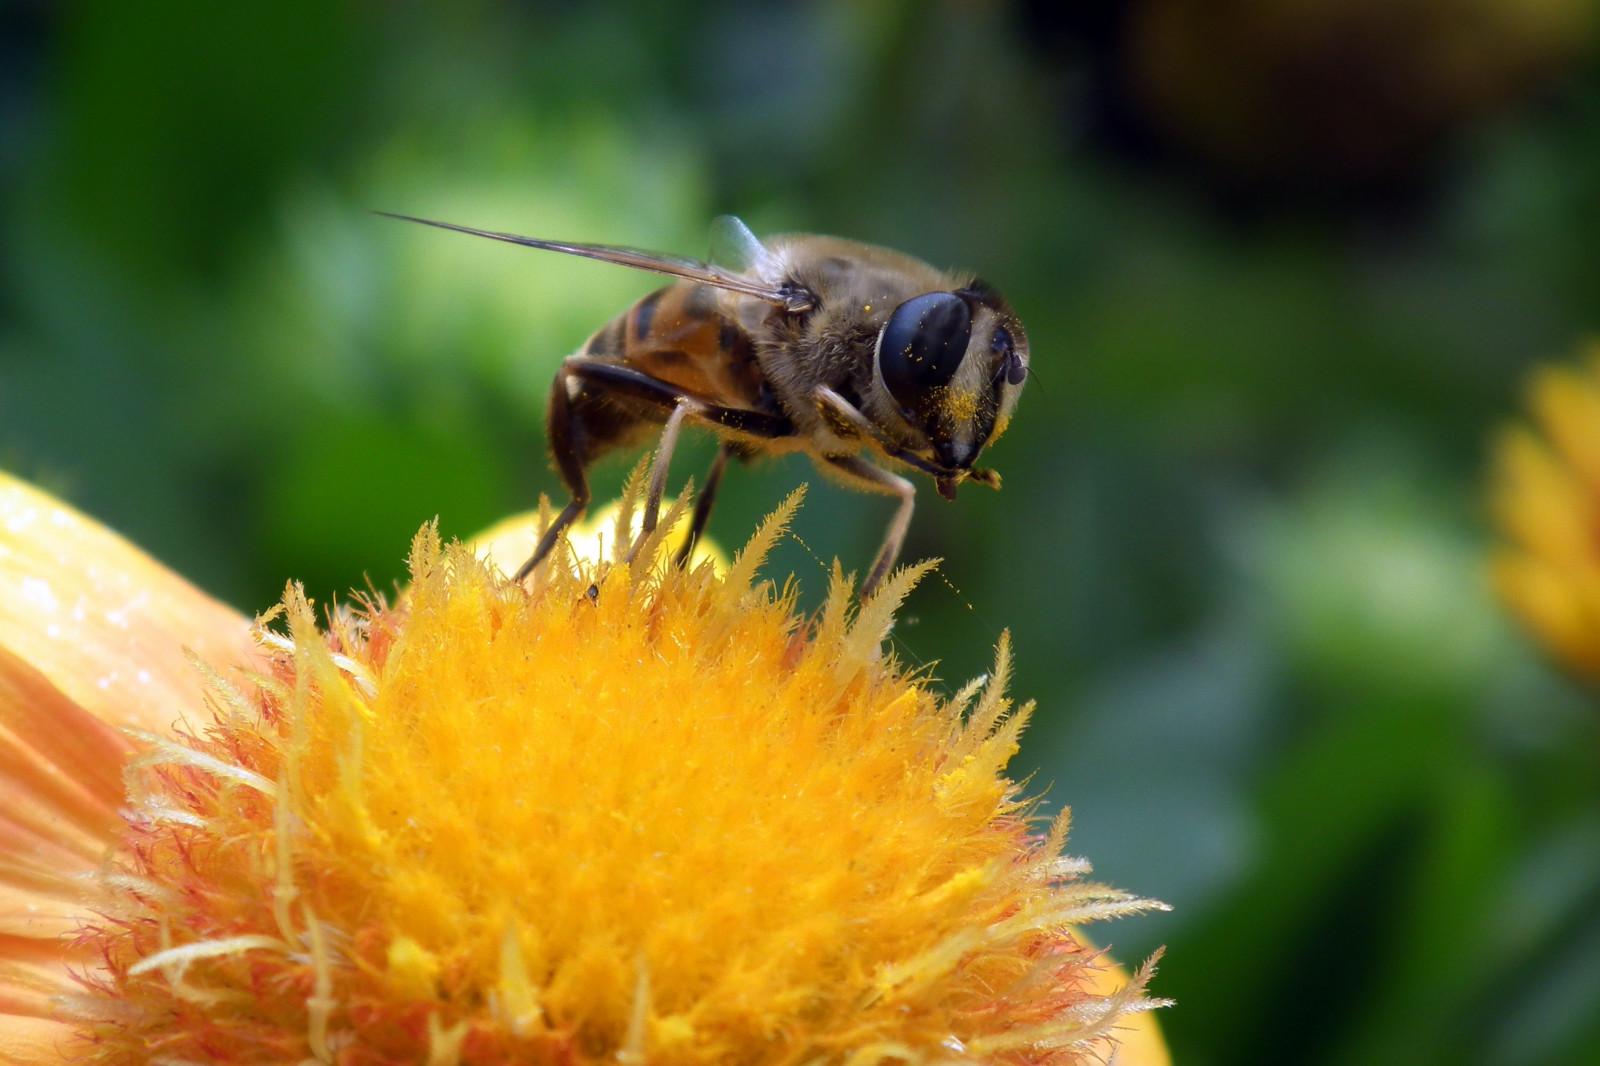 расположен картинка как пчела опыляет цветок рассмотрели урок